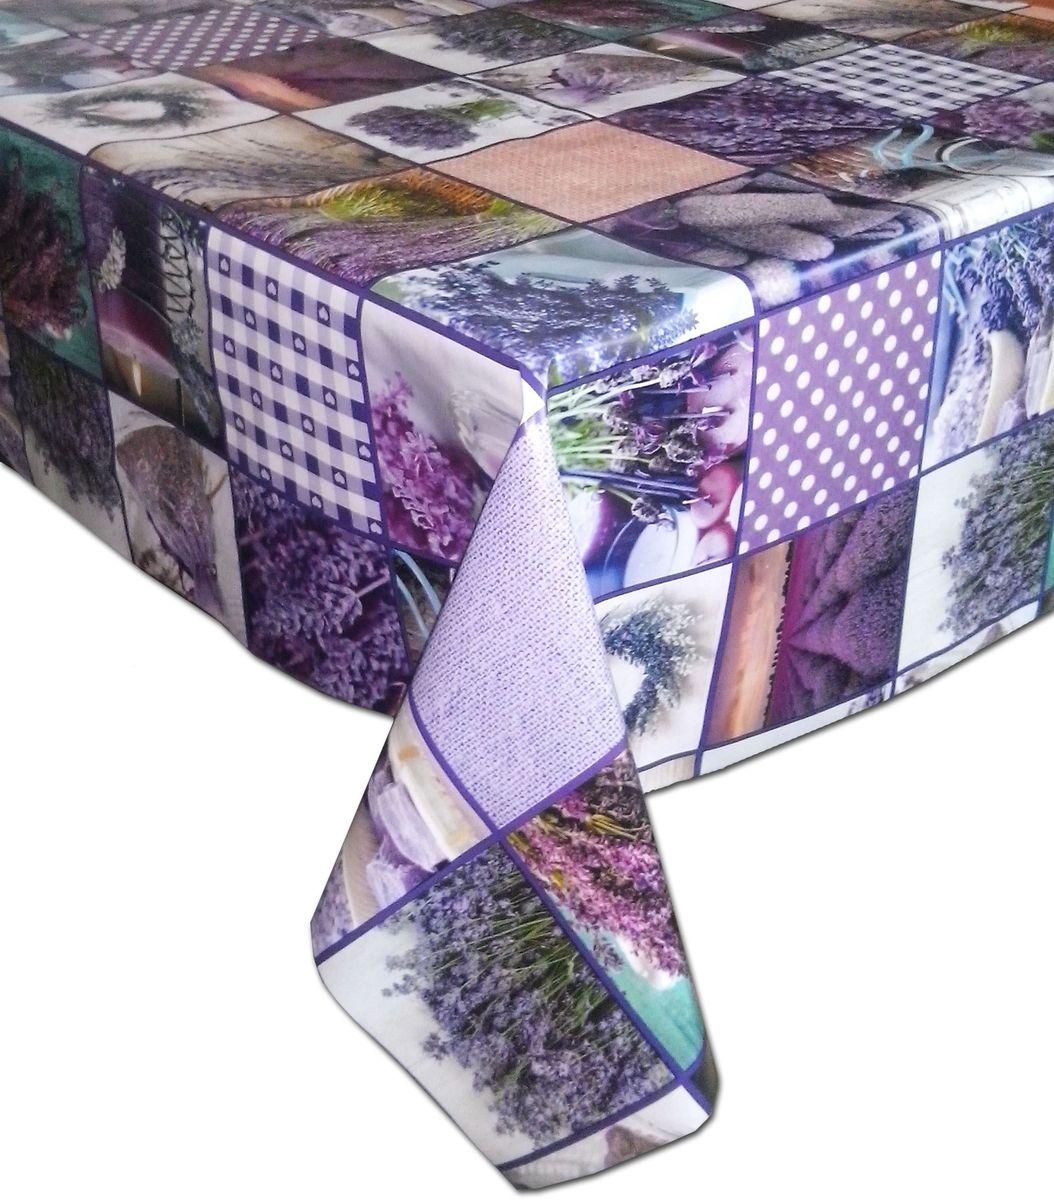 Столовая клеенка LCadesi Florista, прямоугольная, 100 х 140 см. FL100140-309-00FL100140-309-00Столовая клеенка Florista с ярким дизайном украсит ваш стол и защитит его от царапин и пятен. Благодаря основе из нетканого материала не скользит по столу. Клеенка не имеет запаха и совершенно безопасна для человека.